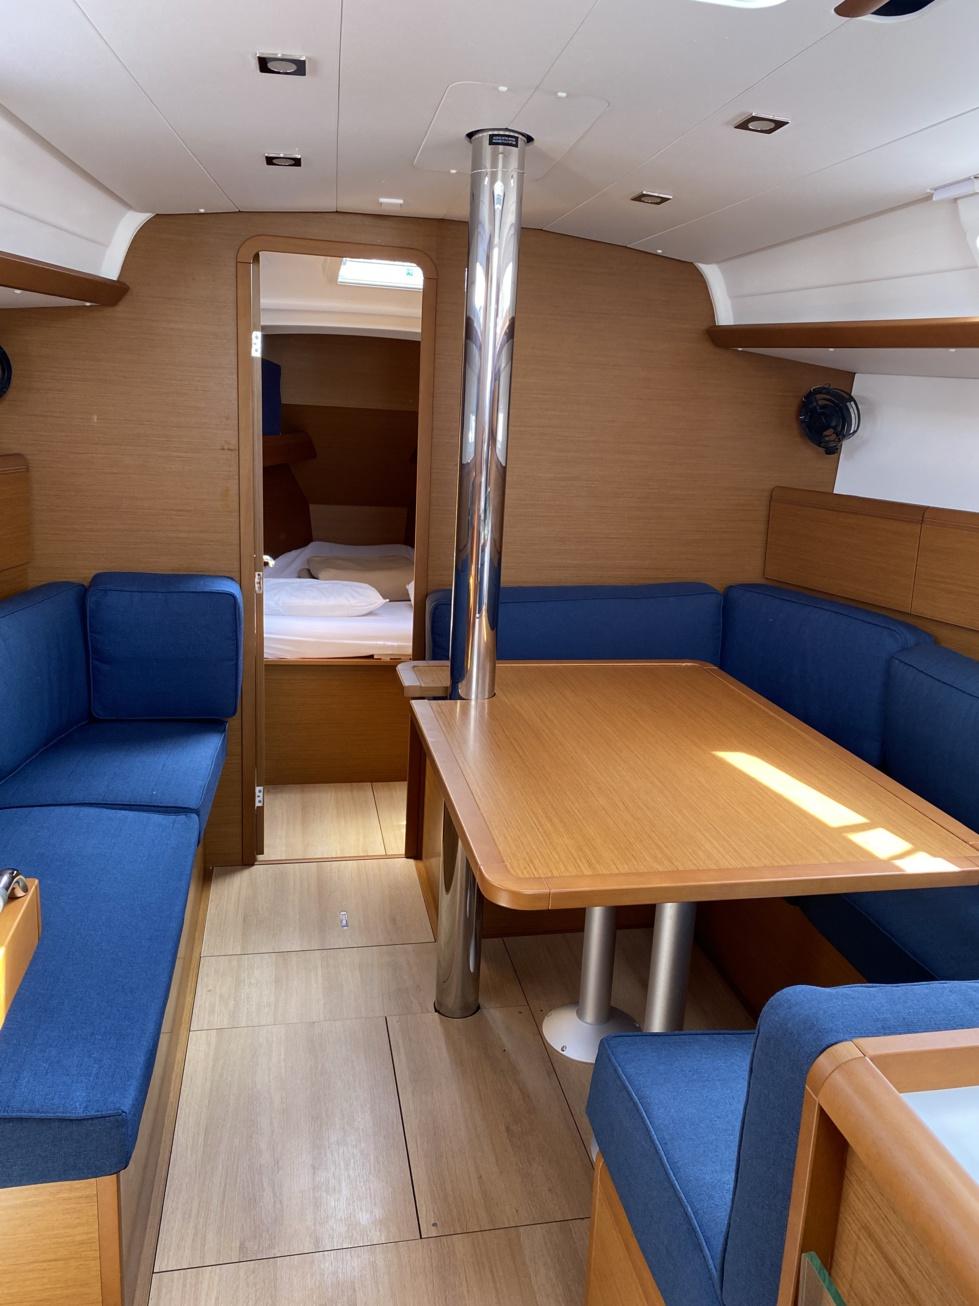 NOVECENTO, DUFOUR 500 GL de 2013 (mise en service 2014) version 4 cabines + 3 SDB